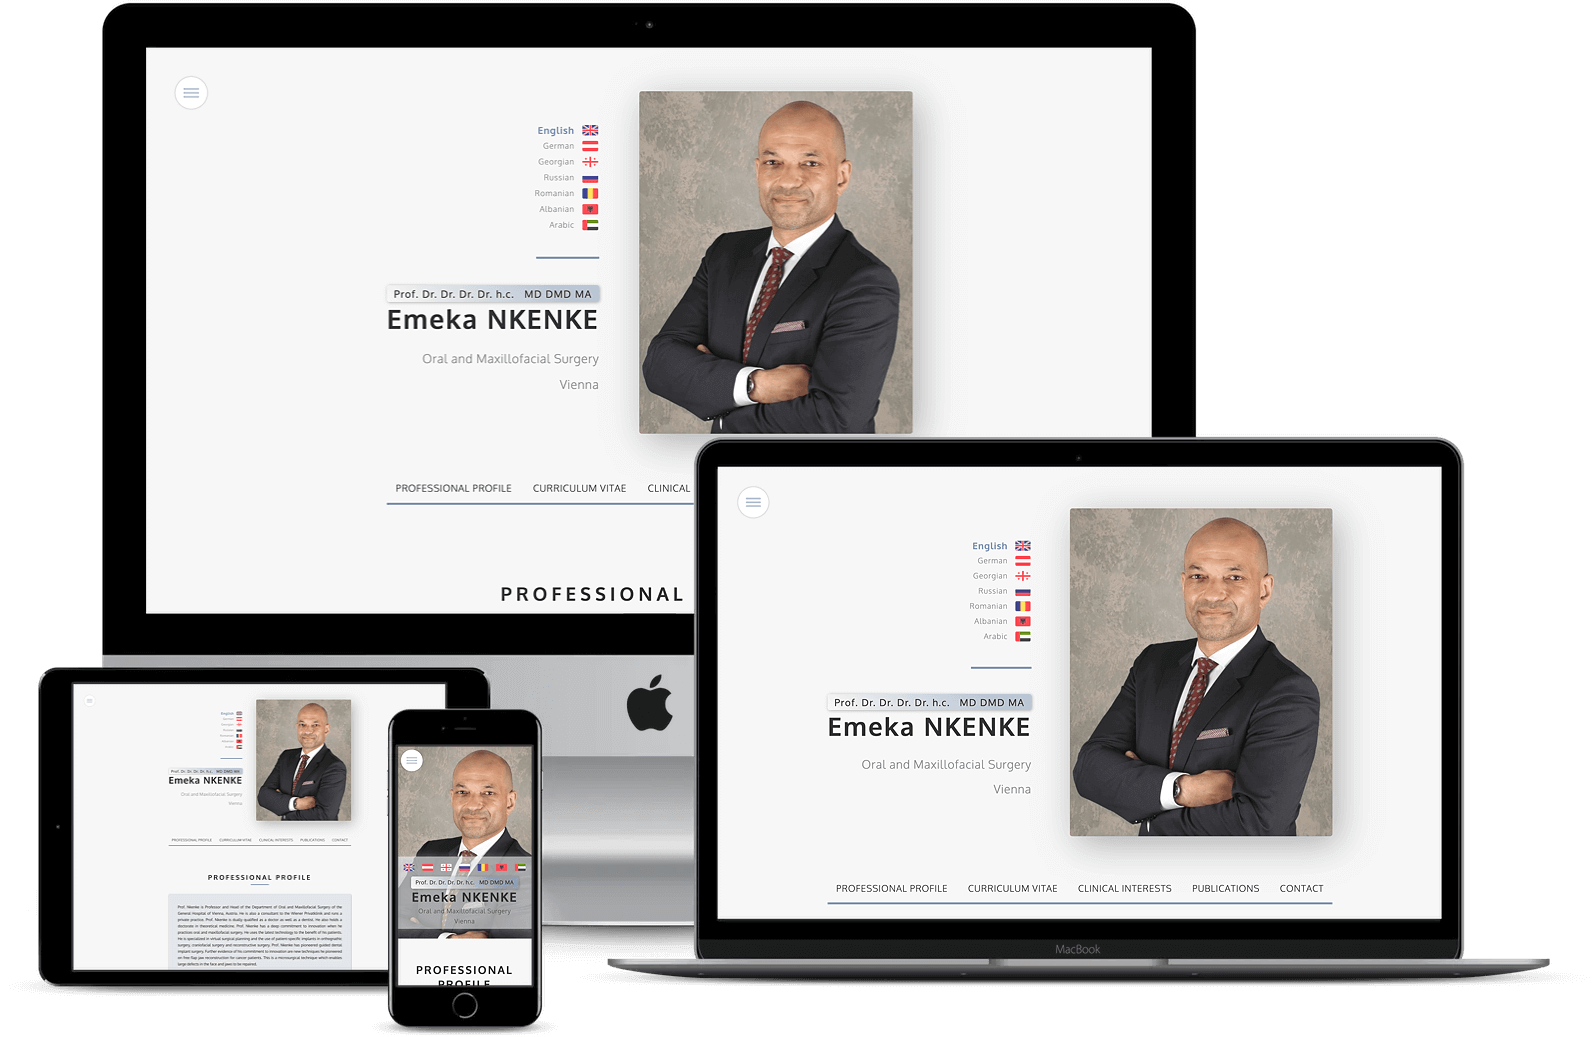 emeka-nkenke-ramoser-webdesign-referenz